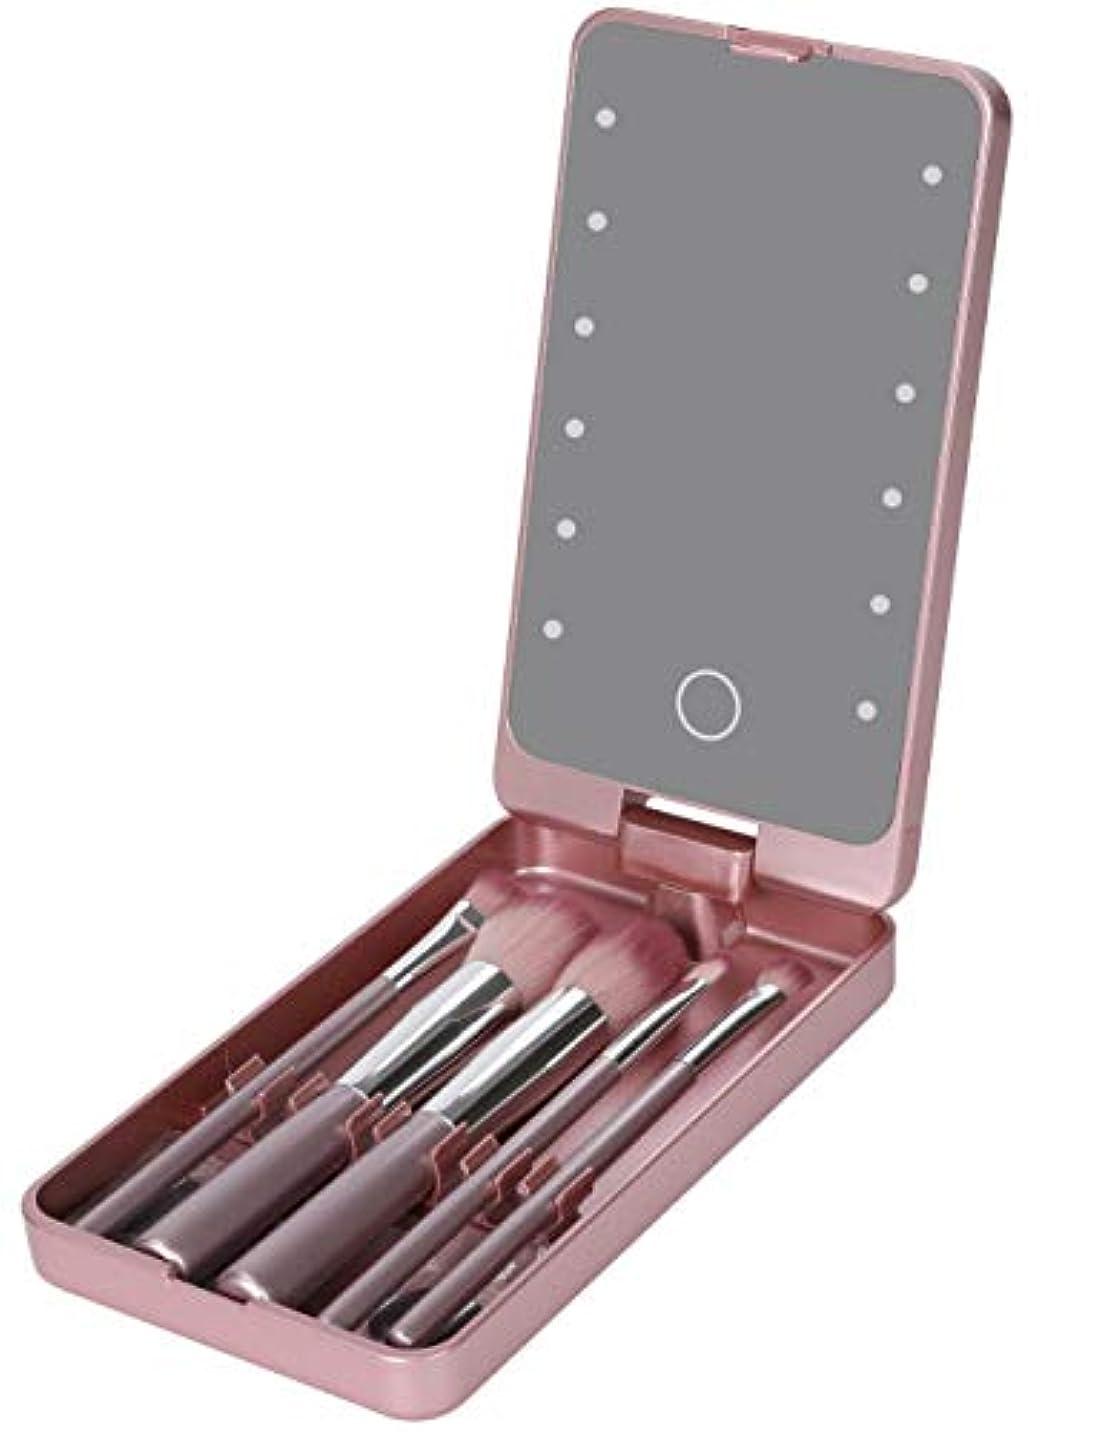 領事館おそらく徹底Looife 化粧鏡 led ミラー 5化粧ブラシ付き ライト付き女優ミラー 携帯型 (バラの金)